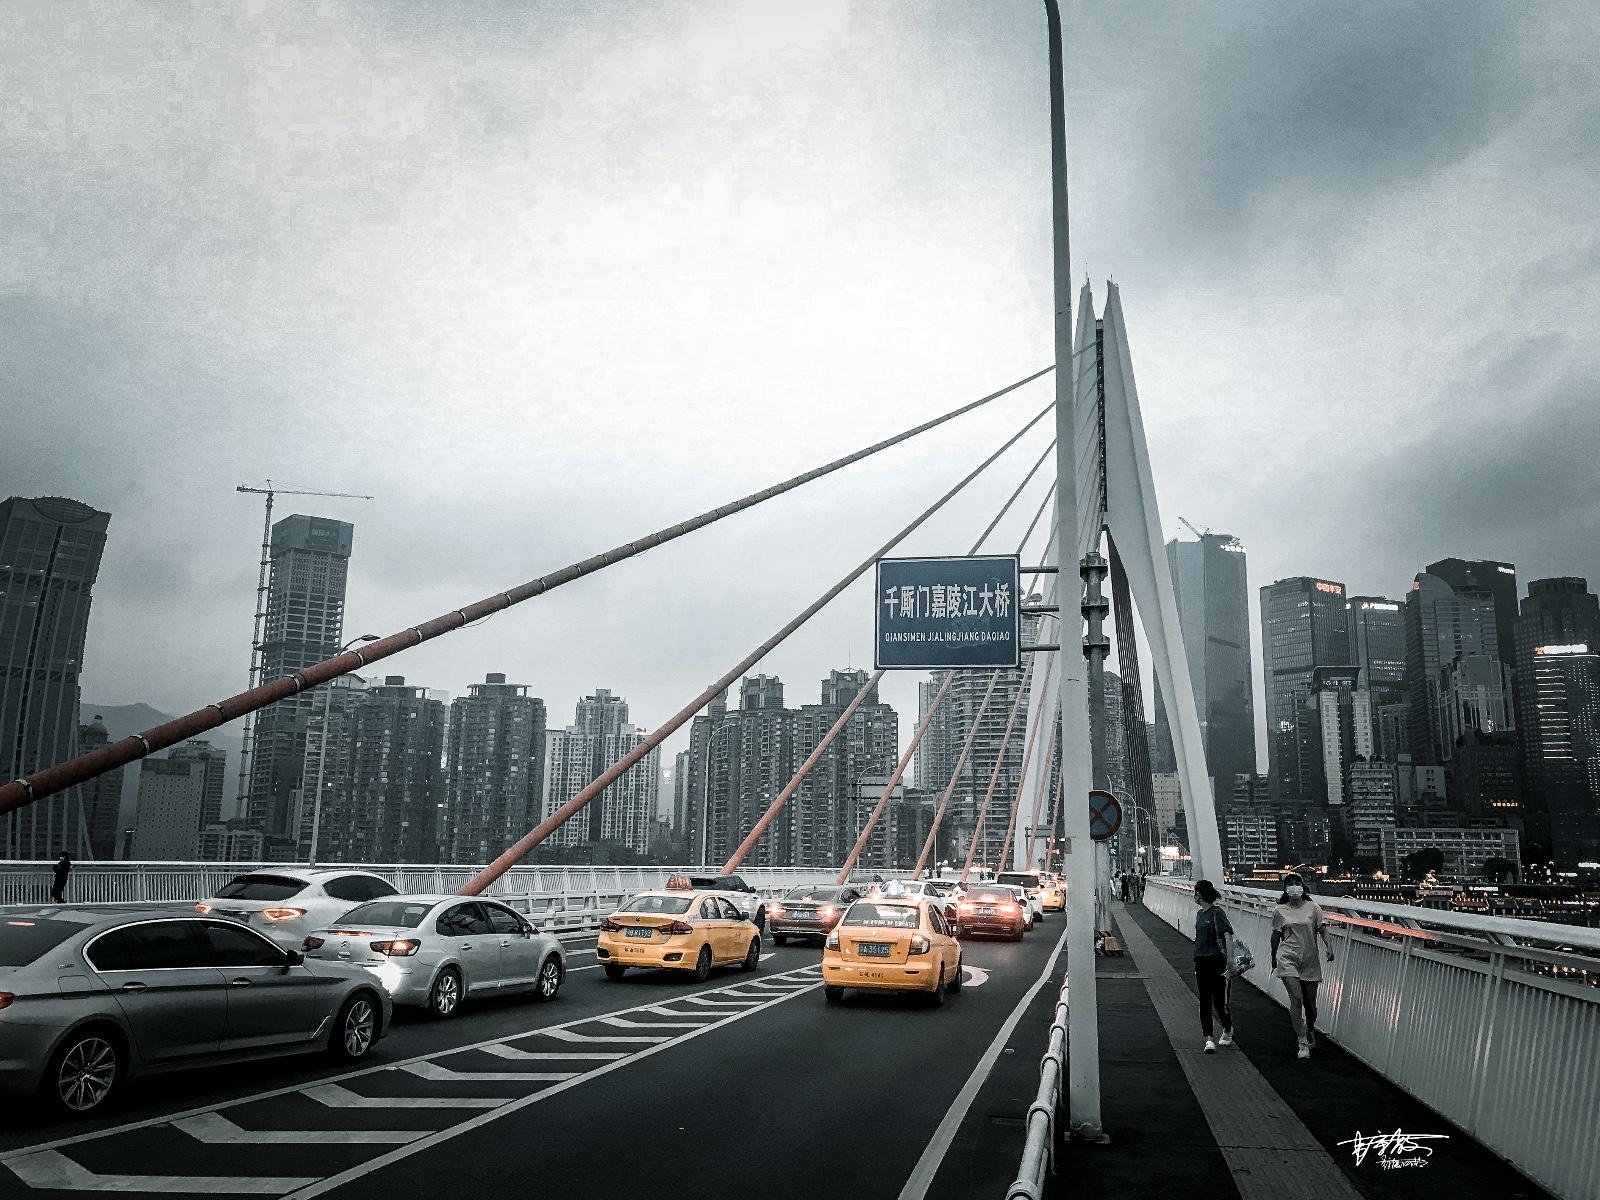 """【美图Pick计划】距离不过3公里,重庆这两座大桥却呈现""""冰火两重天""""的景象"""